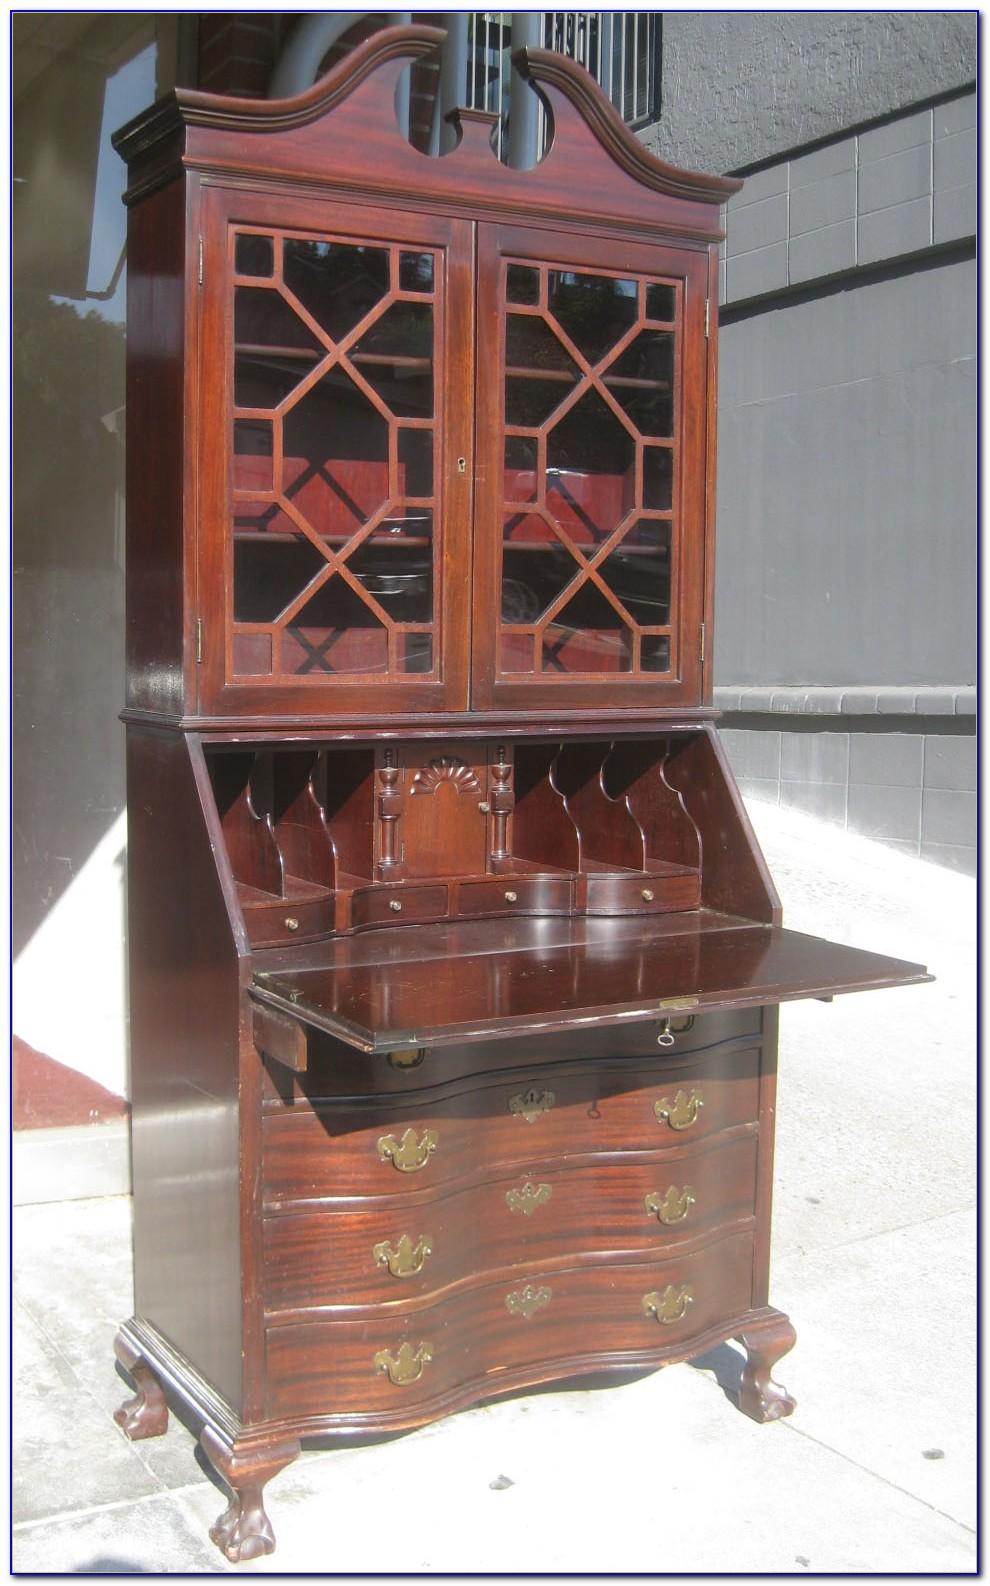 Vintage Secretary Desk >> Vintage Secretary Desk With Hutch - Desk : Home Design Ideas #1aPXg2EQXd78034